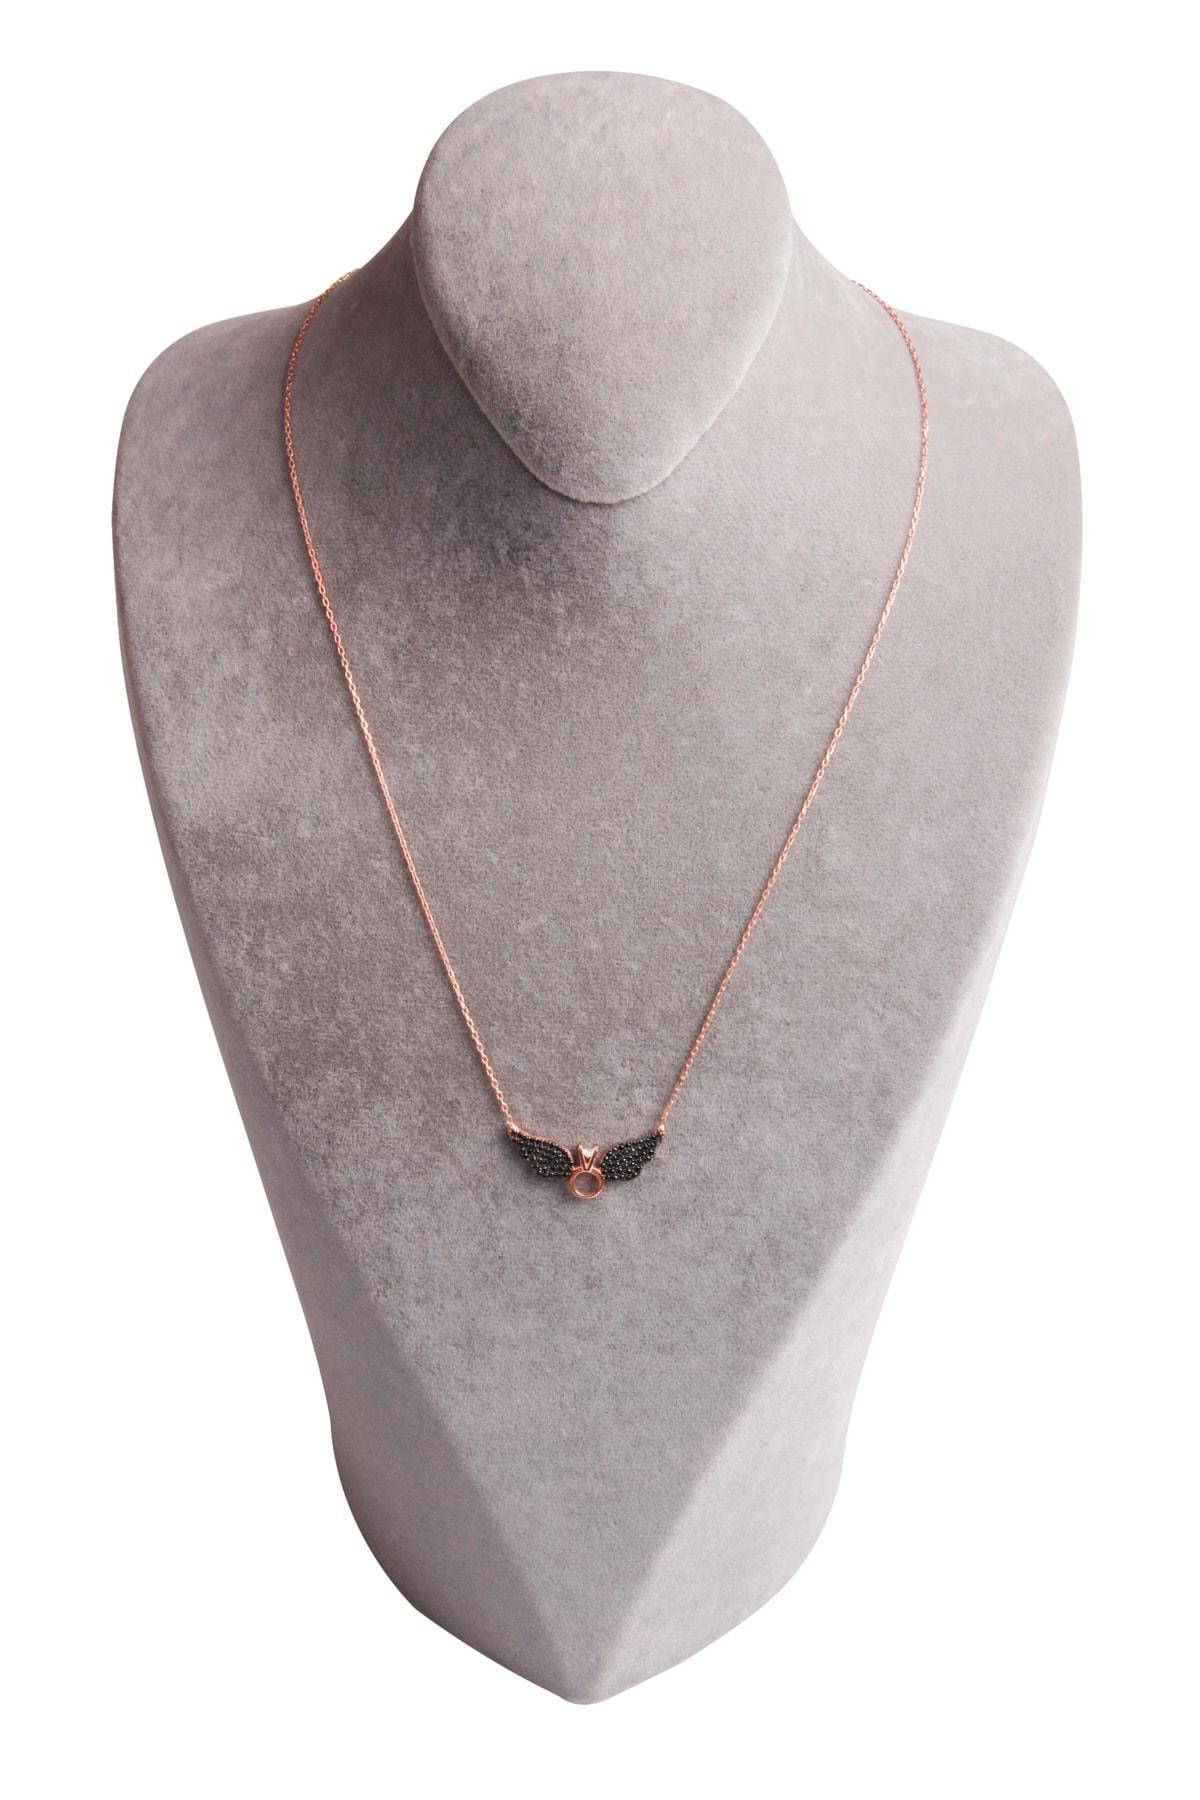 Sahra Kadın Zirkon Süslemeli Tek Taş Kanat Tasarım 925 Ayar Gümüş Kolye KLY-0066-23 2